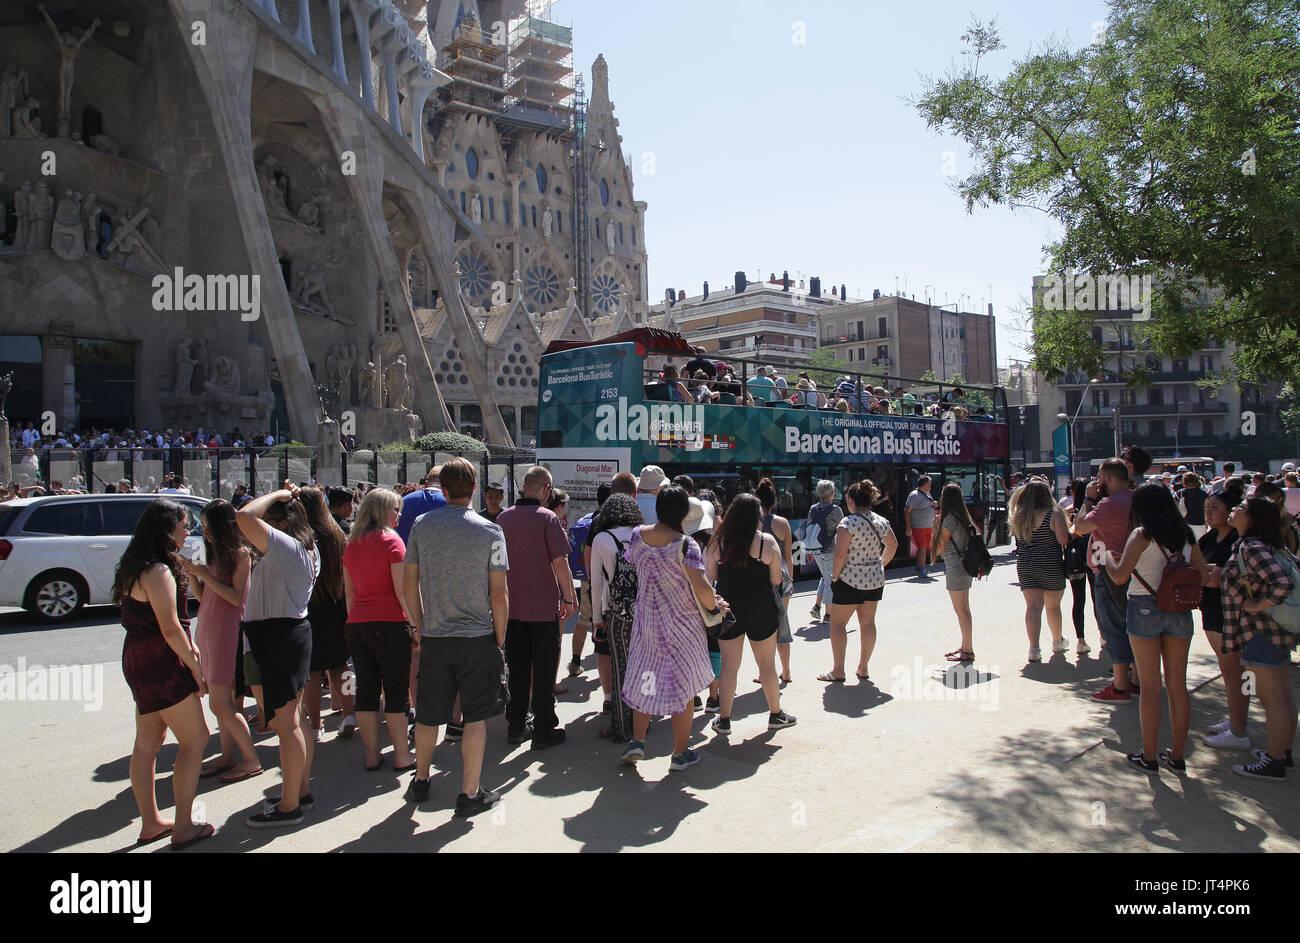 Barcelona turismo masivo en la Sagrada Familía.España Imagen De Stock